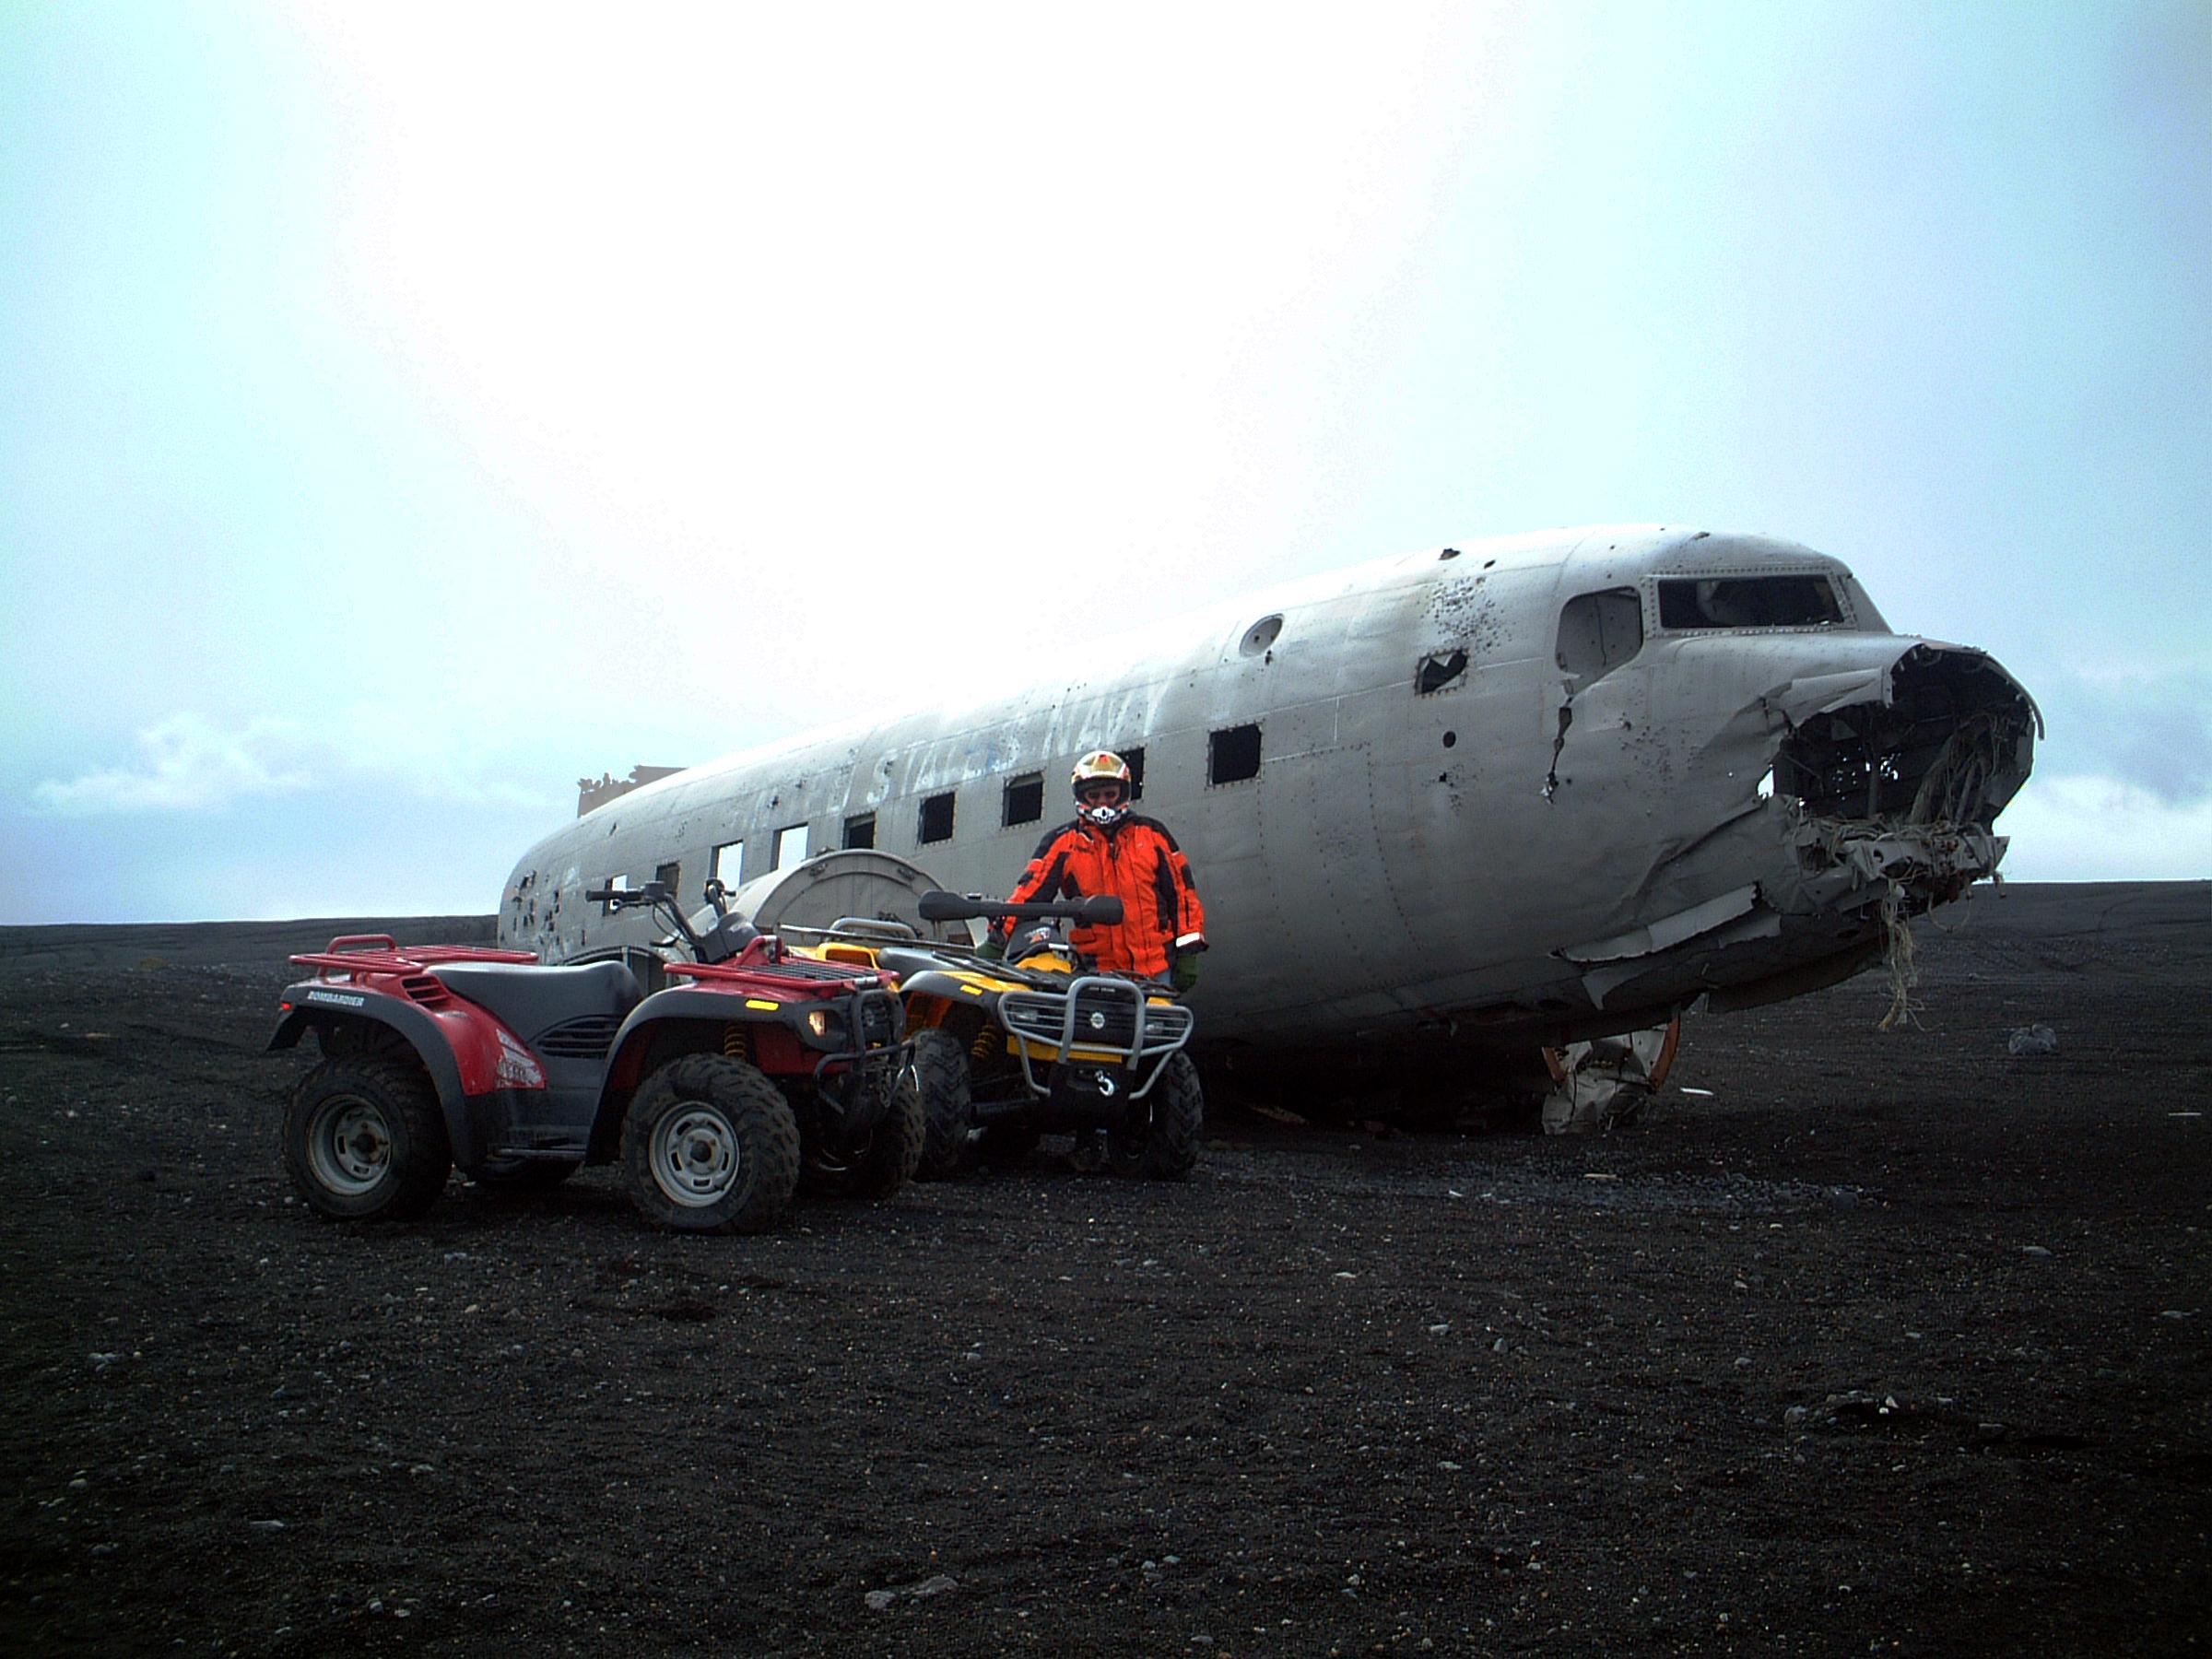 Rijd met een krachtige quad naar het DC3-vliegtuigwrak.